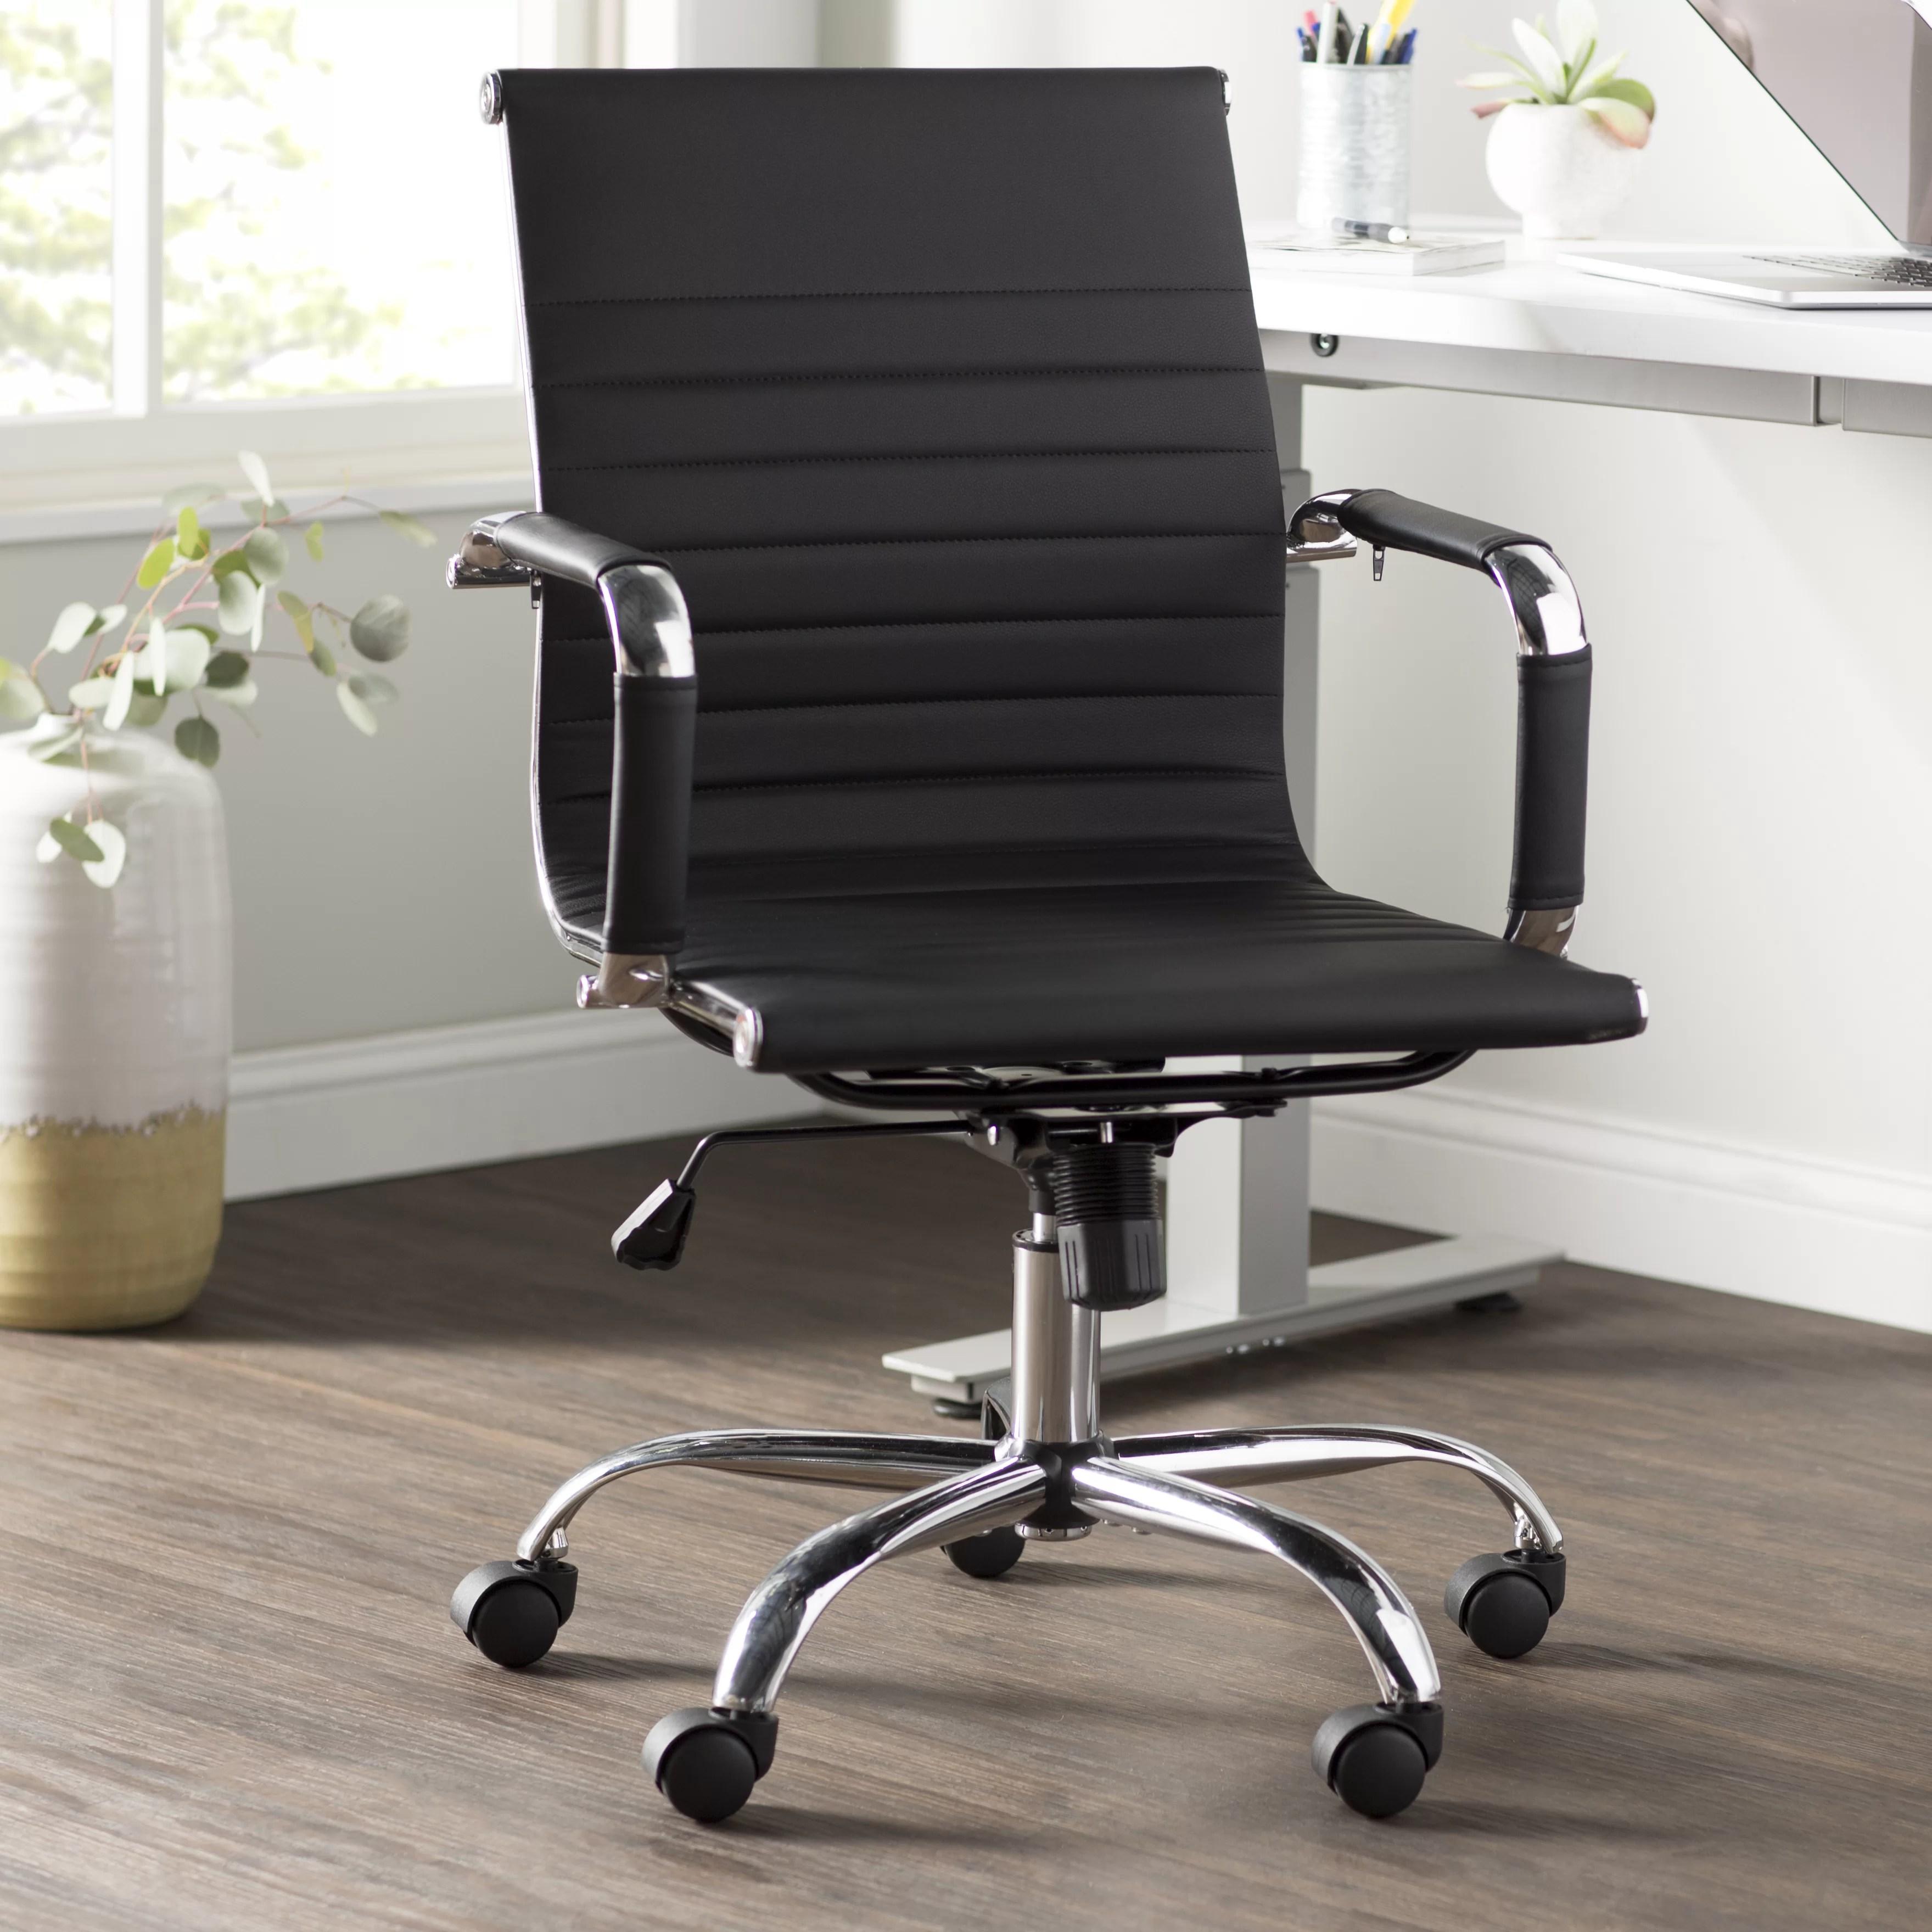 wayfair desk chairs swivel chair approach basics high back reviews allmodern